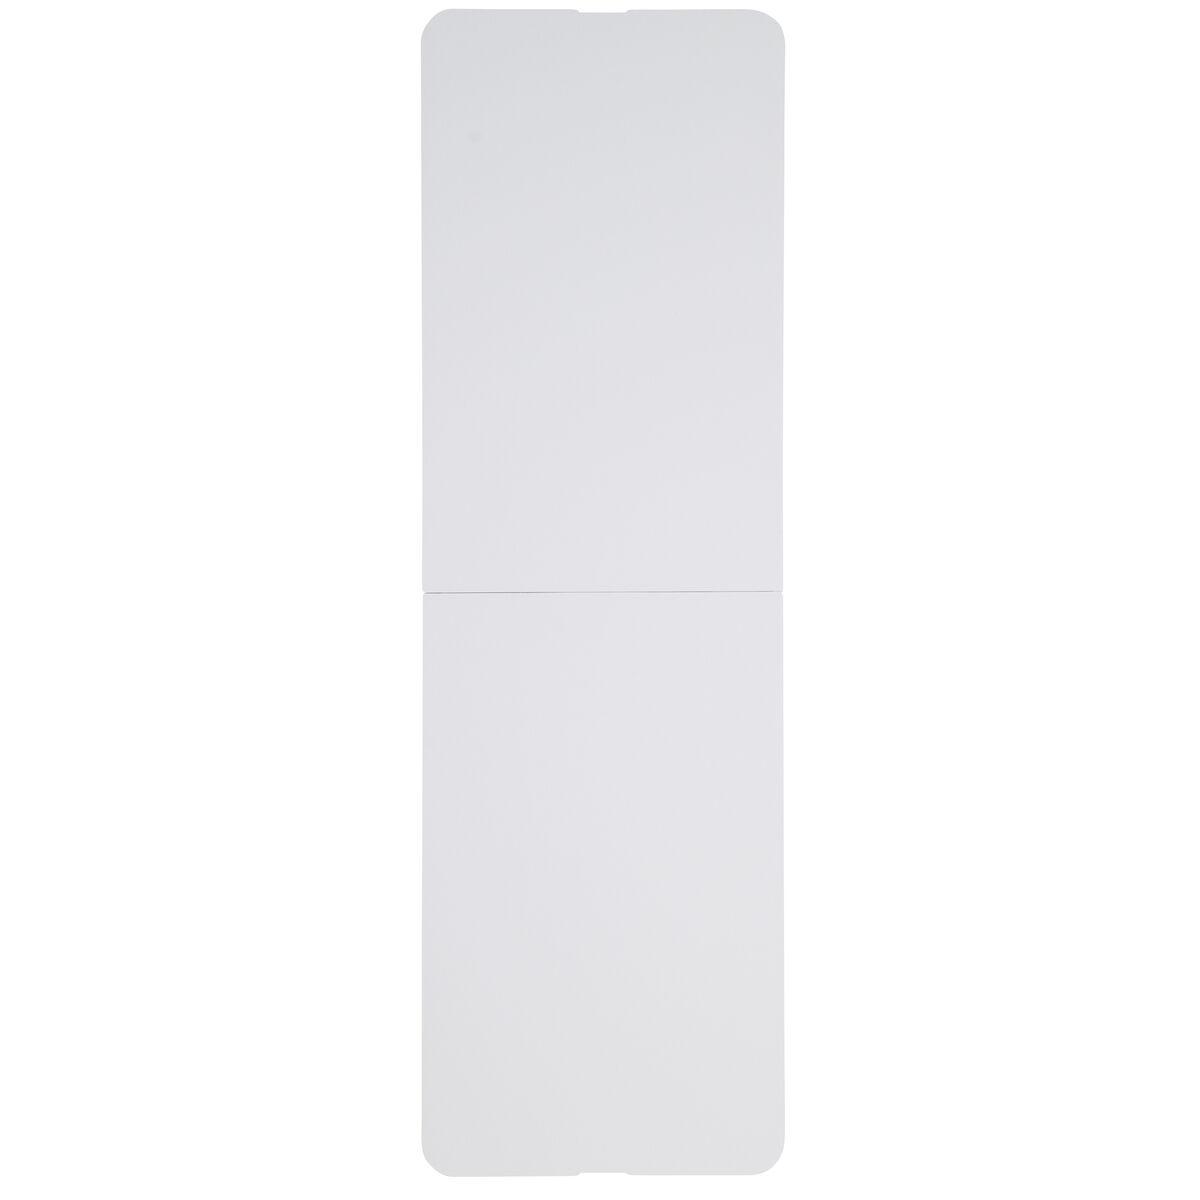 30x96 white bi fold table dad ycz 244z gg restaurantfurniture4less com